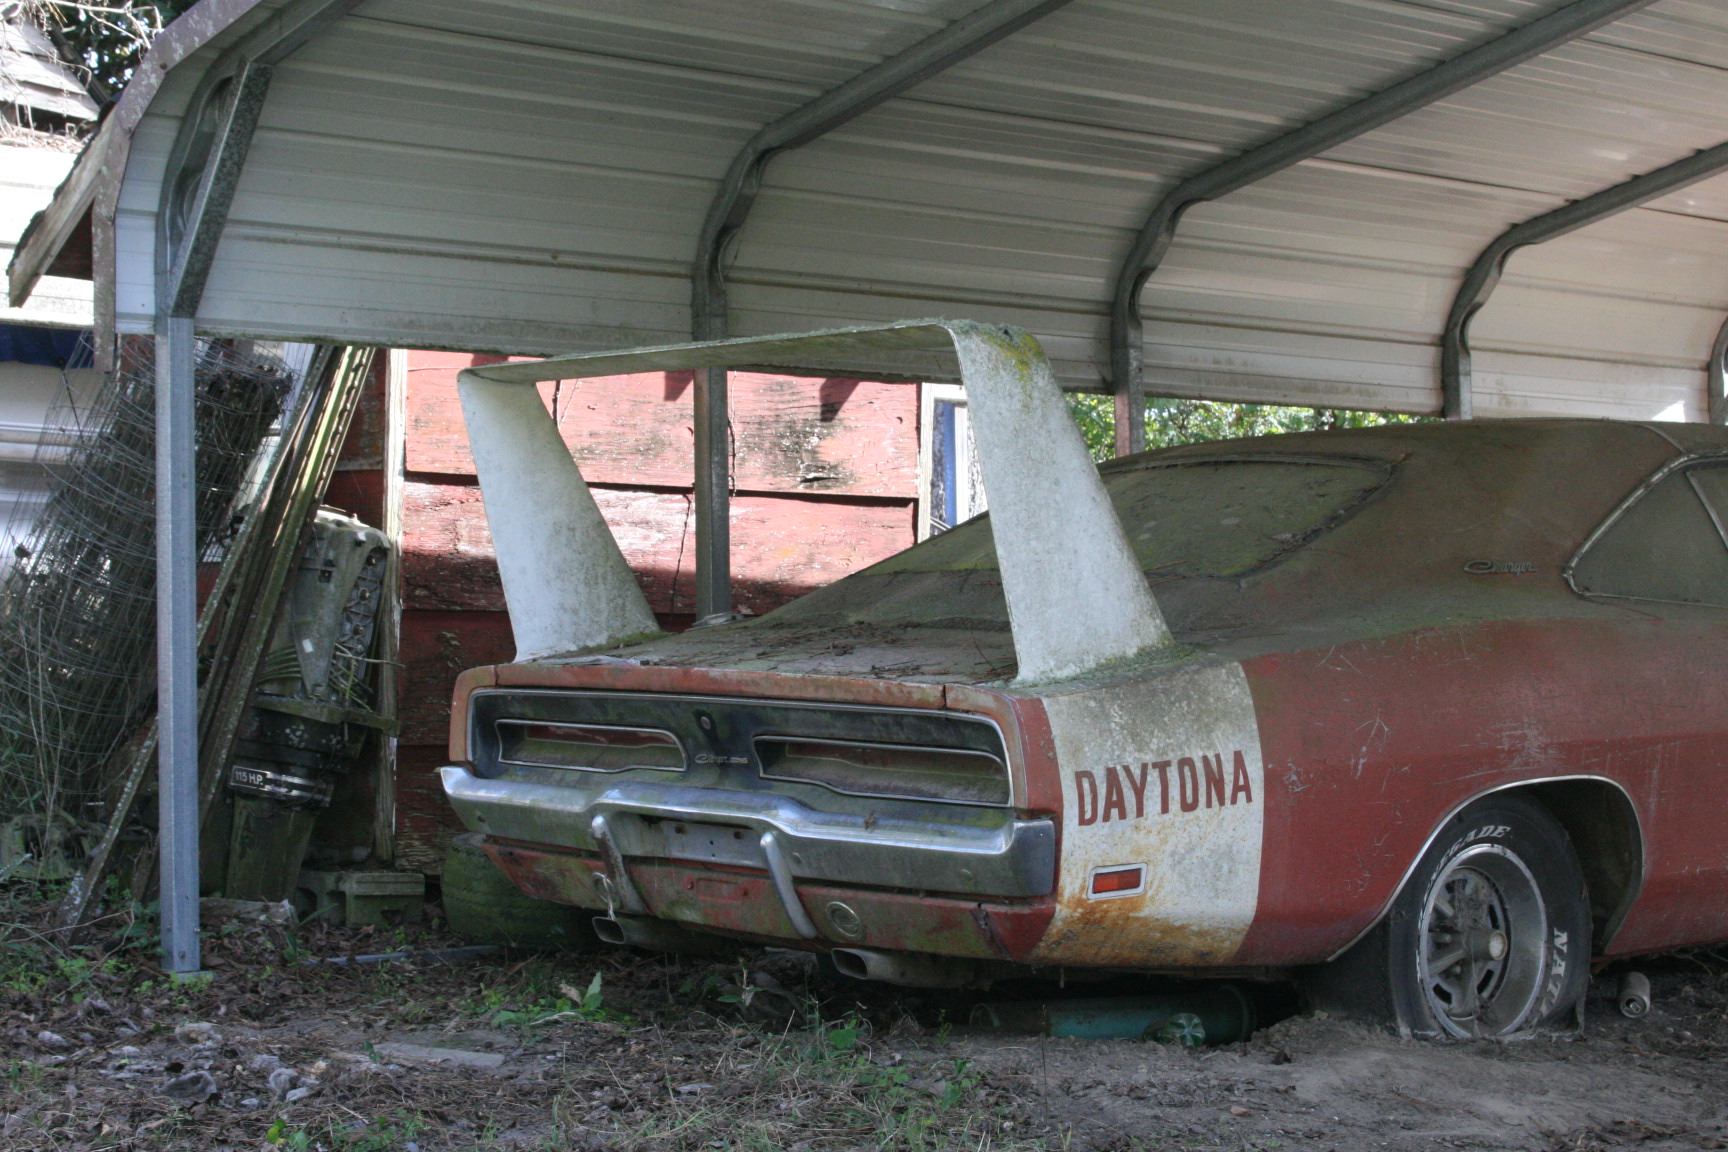 1969 Daytona Barn Find \